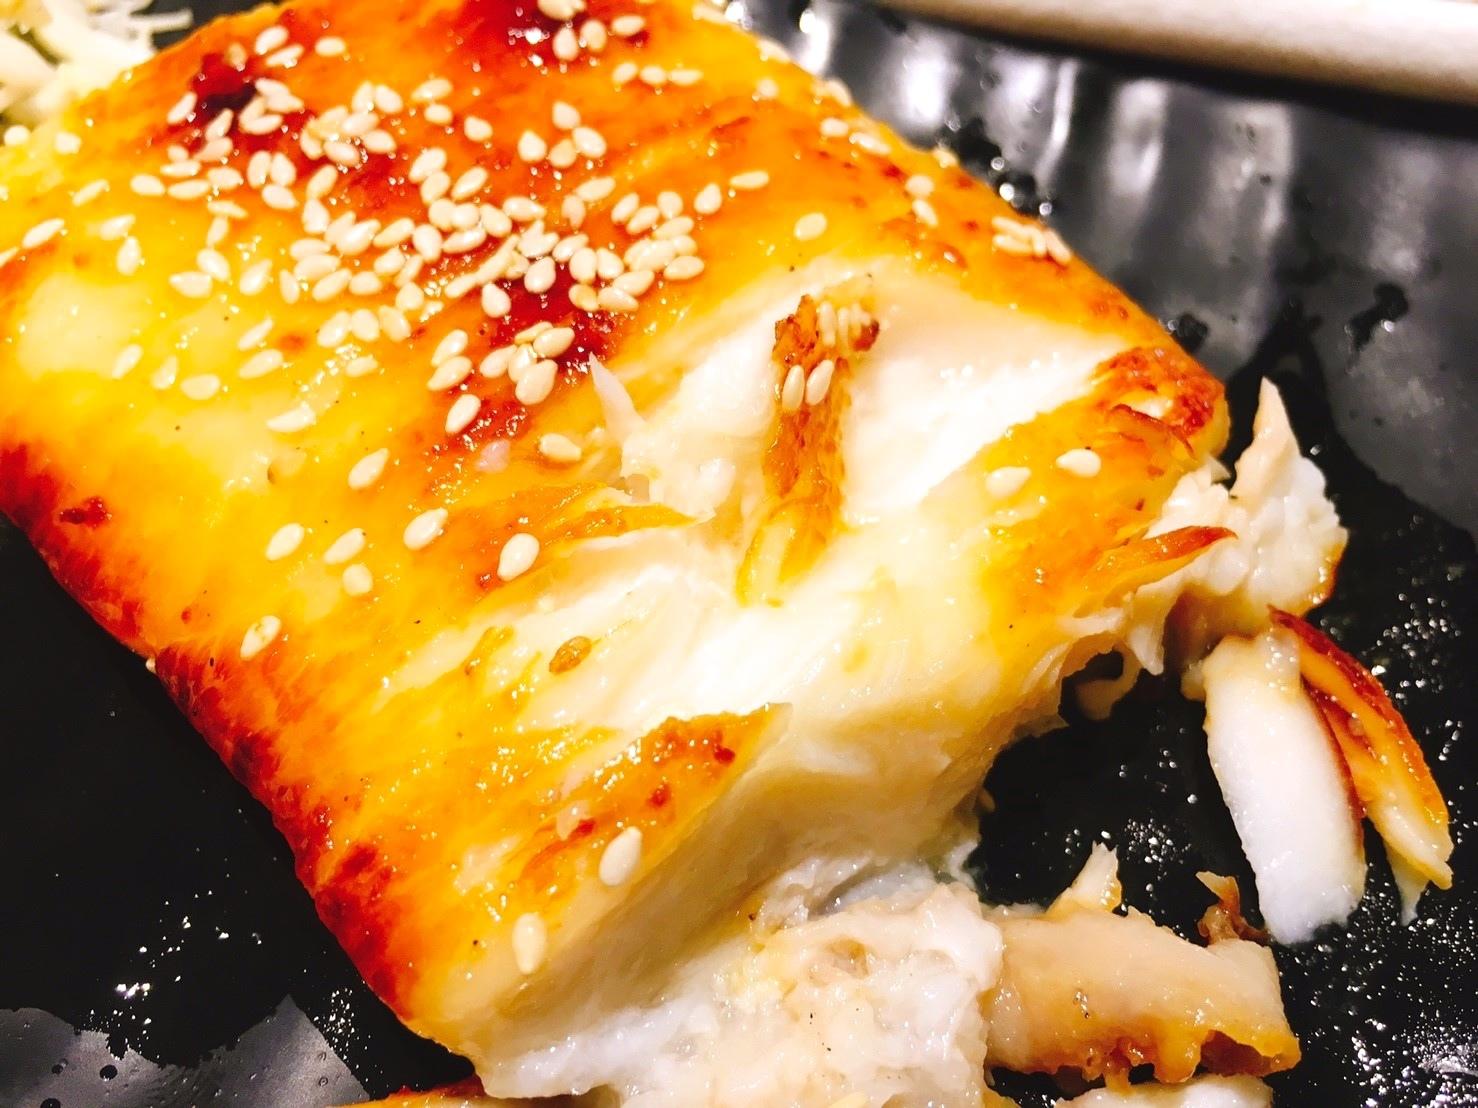 """【桃園 海賊日式料理】再訪南平店! 還是要吃""""炙燒握壽司和卷壽司"""" - 艾瑪 享受吃喝玩樂札記"""